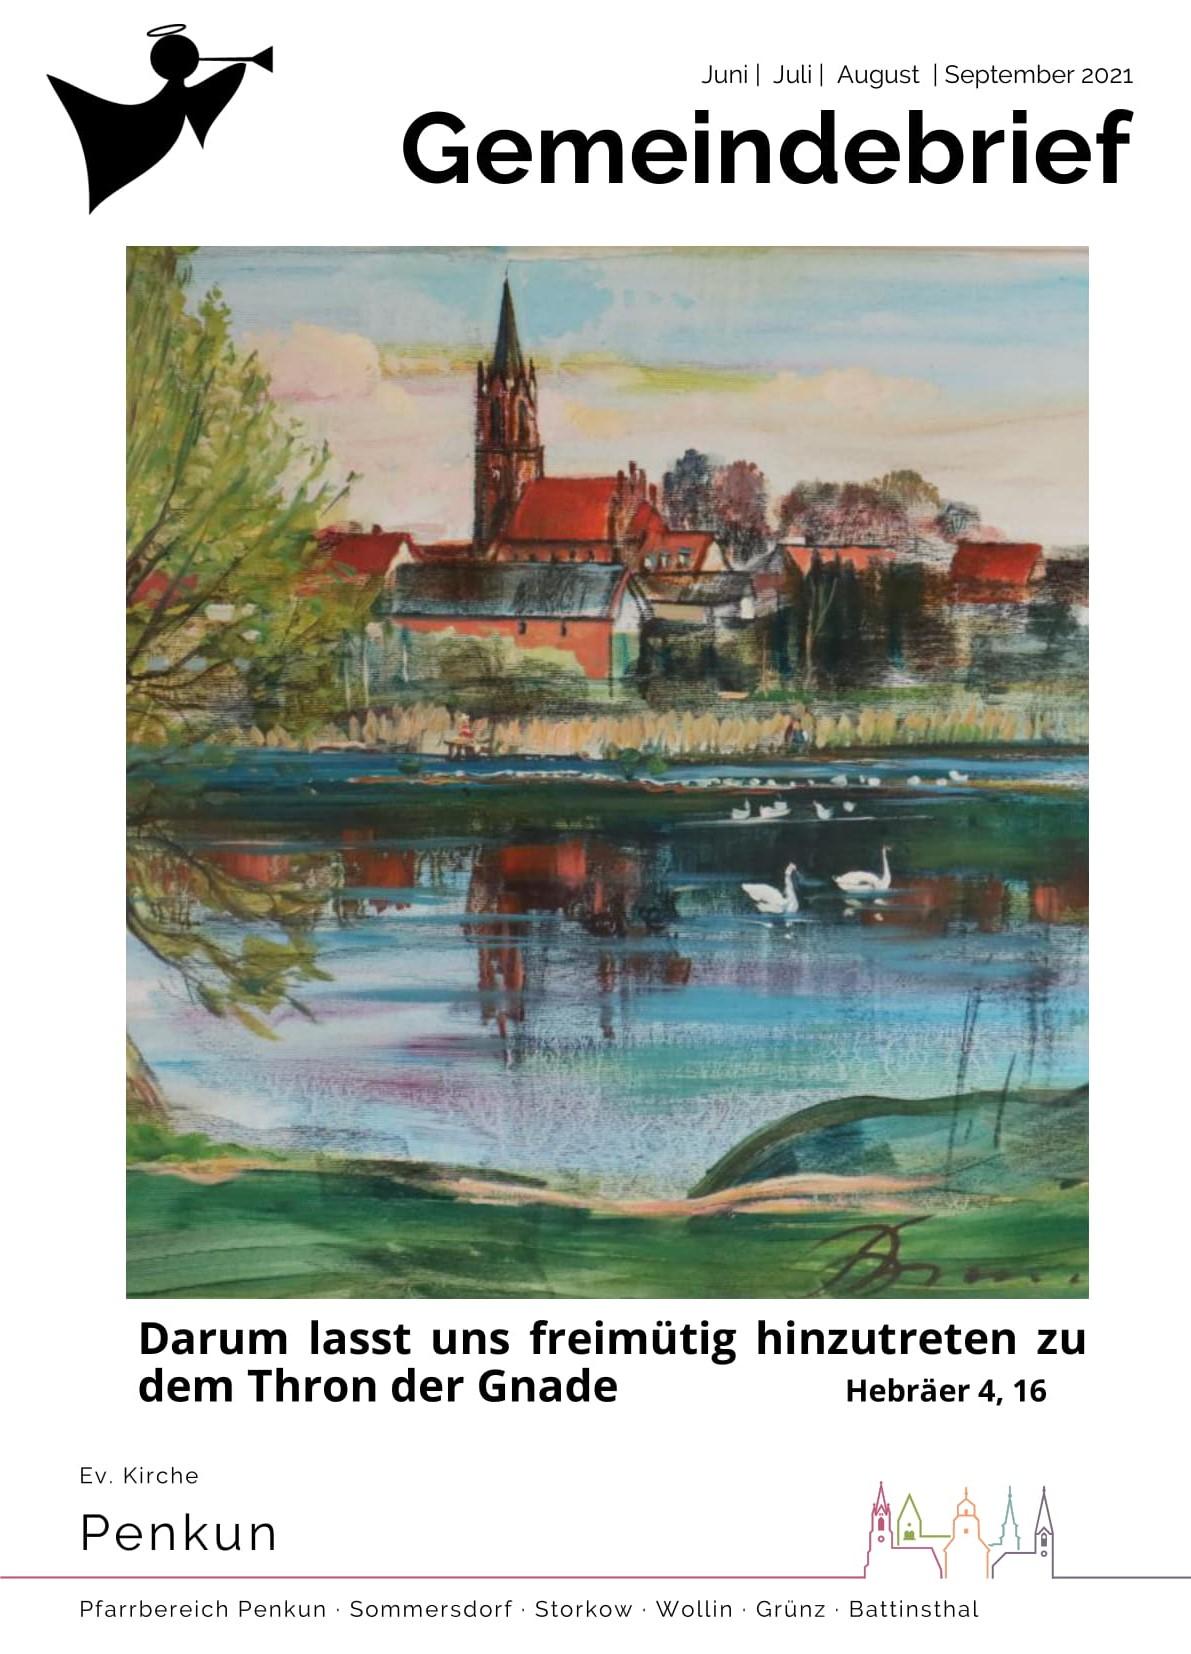 Gemeindebrief_21_02-01